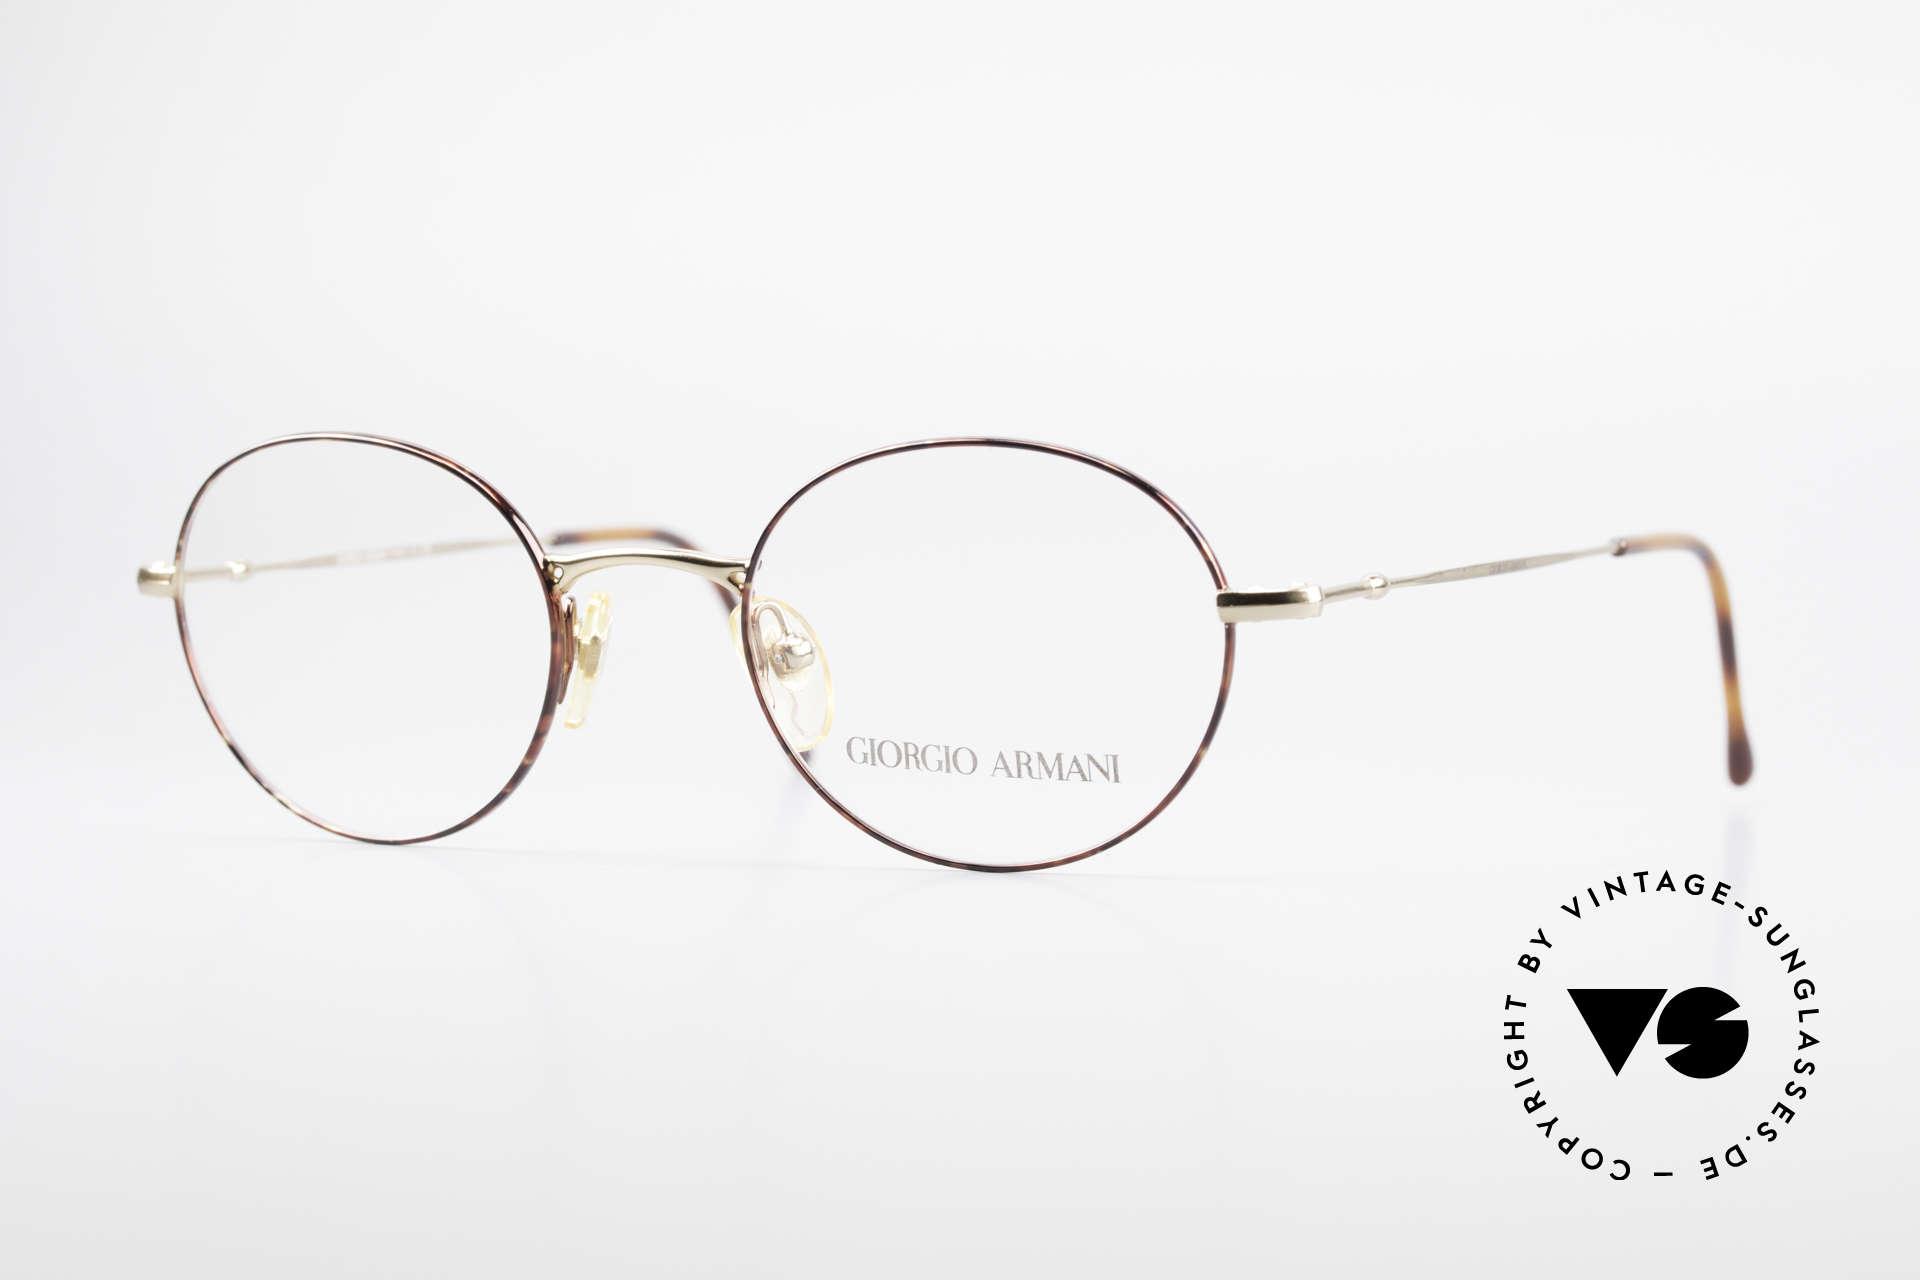 Giorgio Armani 252 Alte Vintage Brille Oval 90er, ovale vintage Brillenfassung vom GIORGIO ARMANI, Passend für Herren und Damen